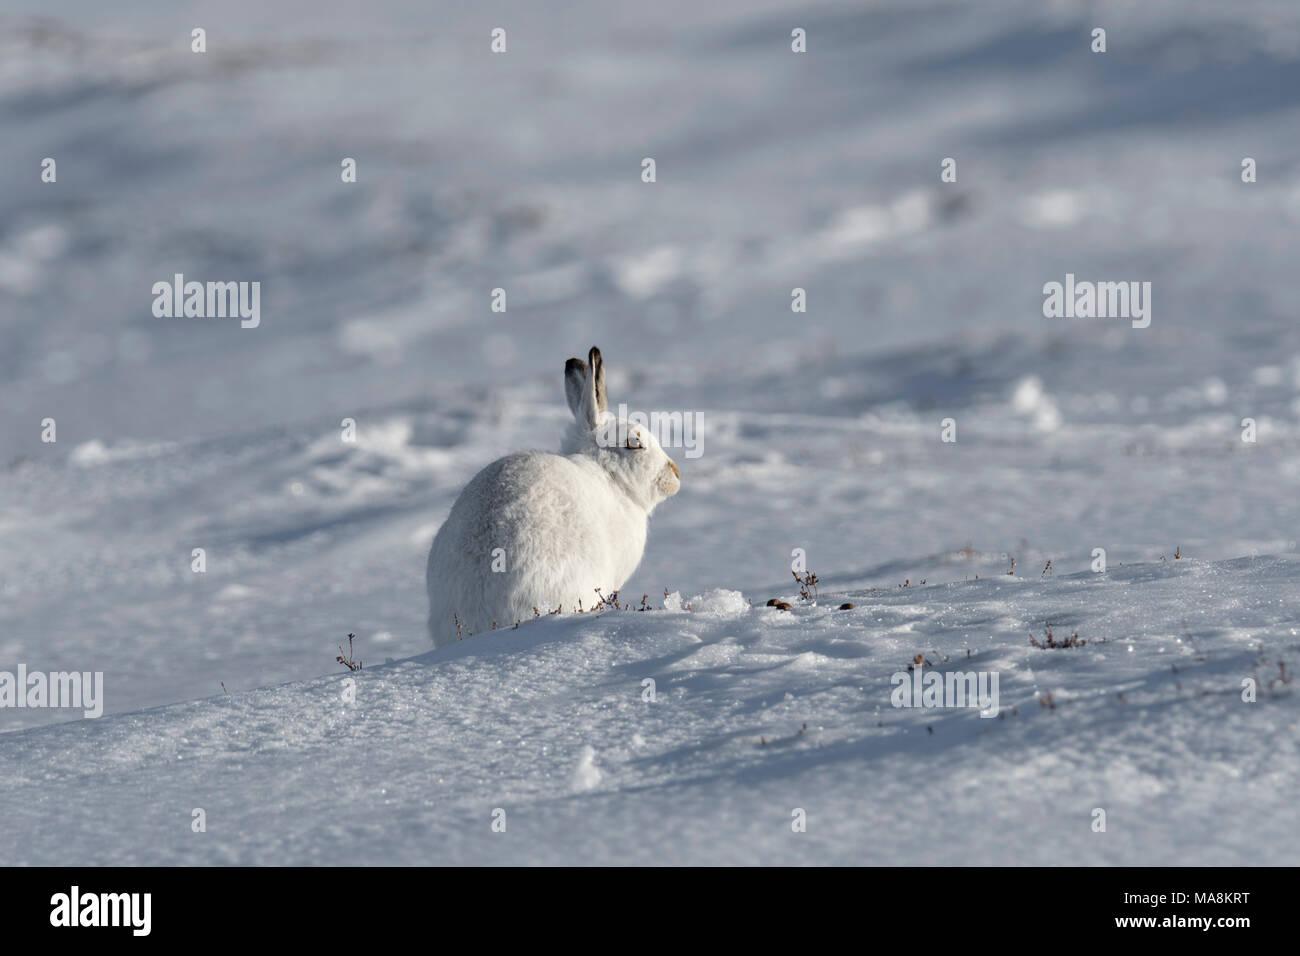 Lièvre variable (Lepus timidus) assis sur une colline couverte de neige dans les Highlands écossais, mars 2018 Photo Stock